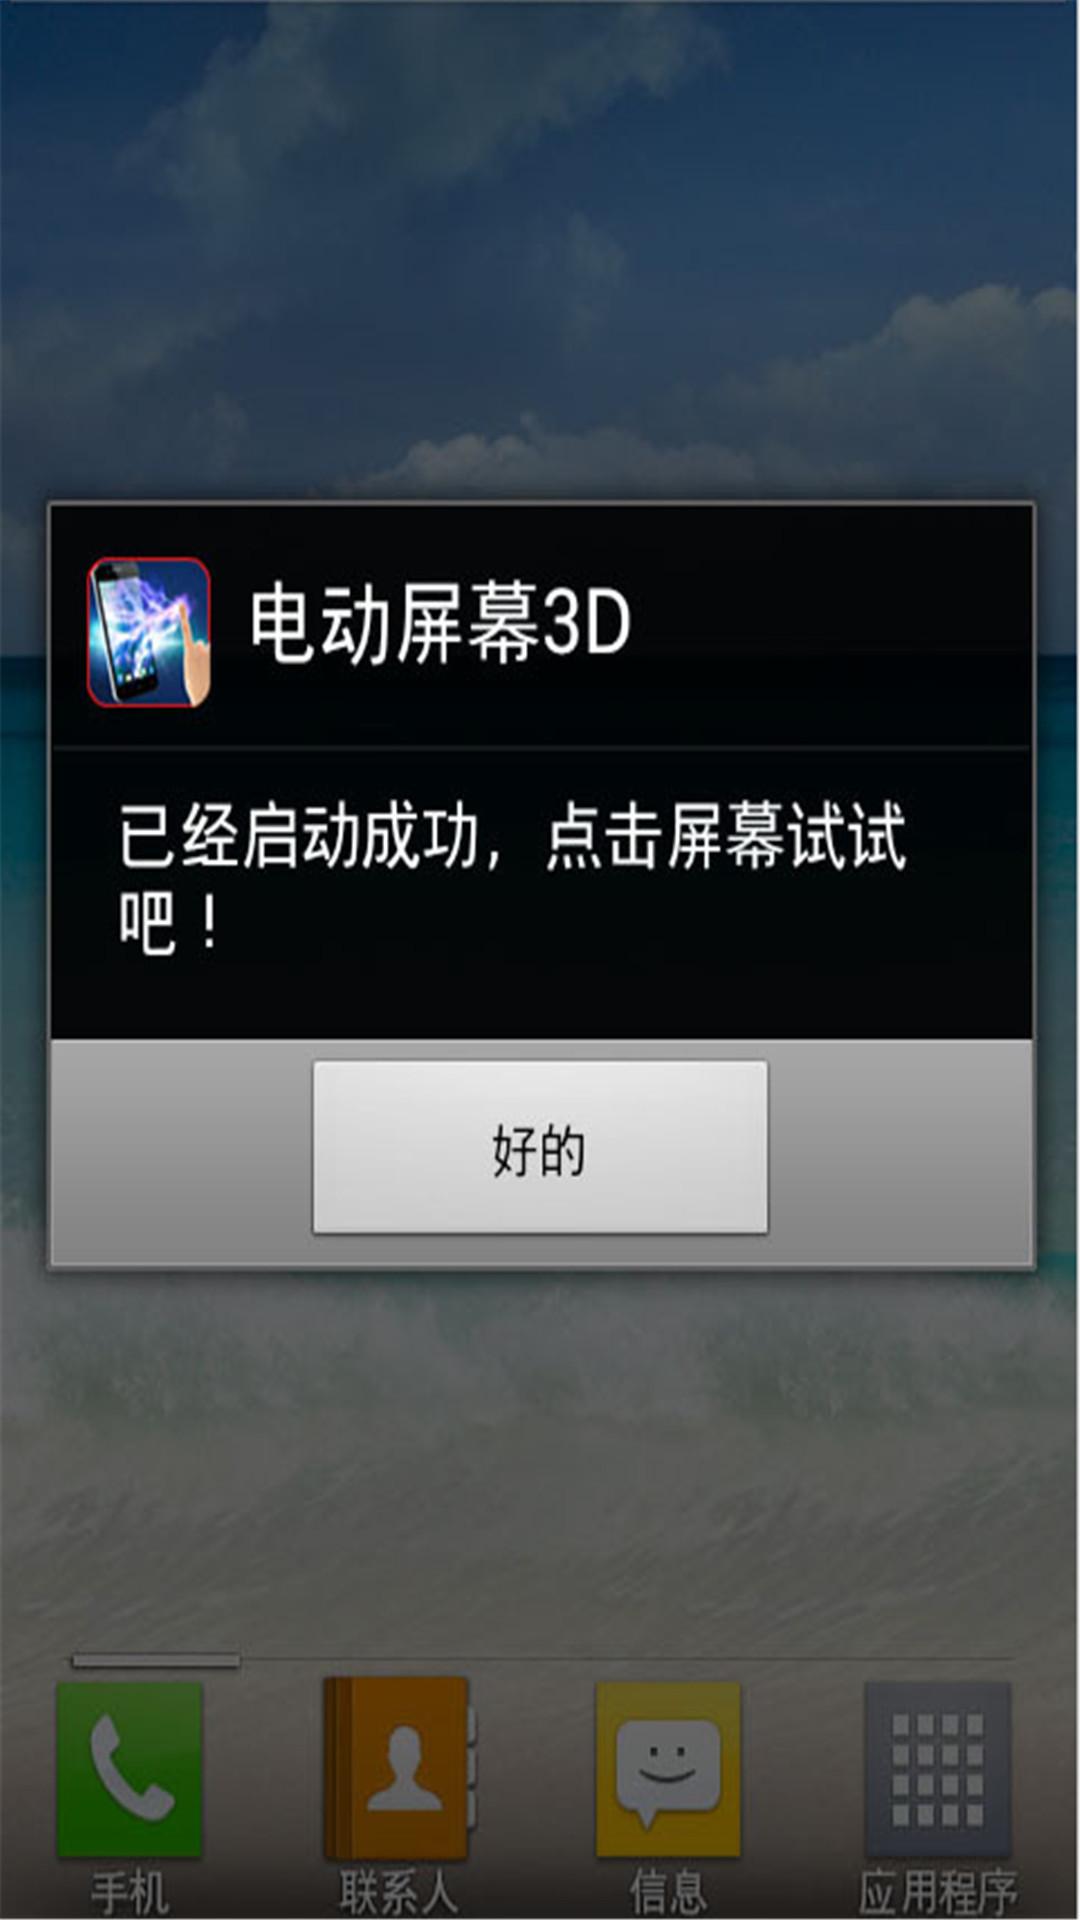 自动电击手机屏幕app下载图4: